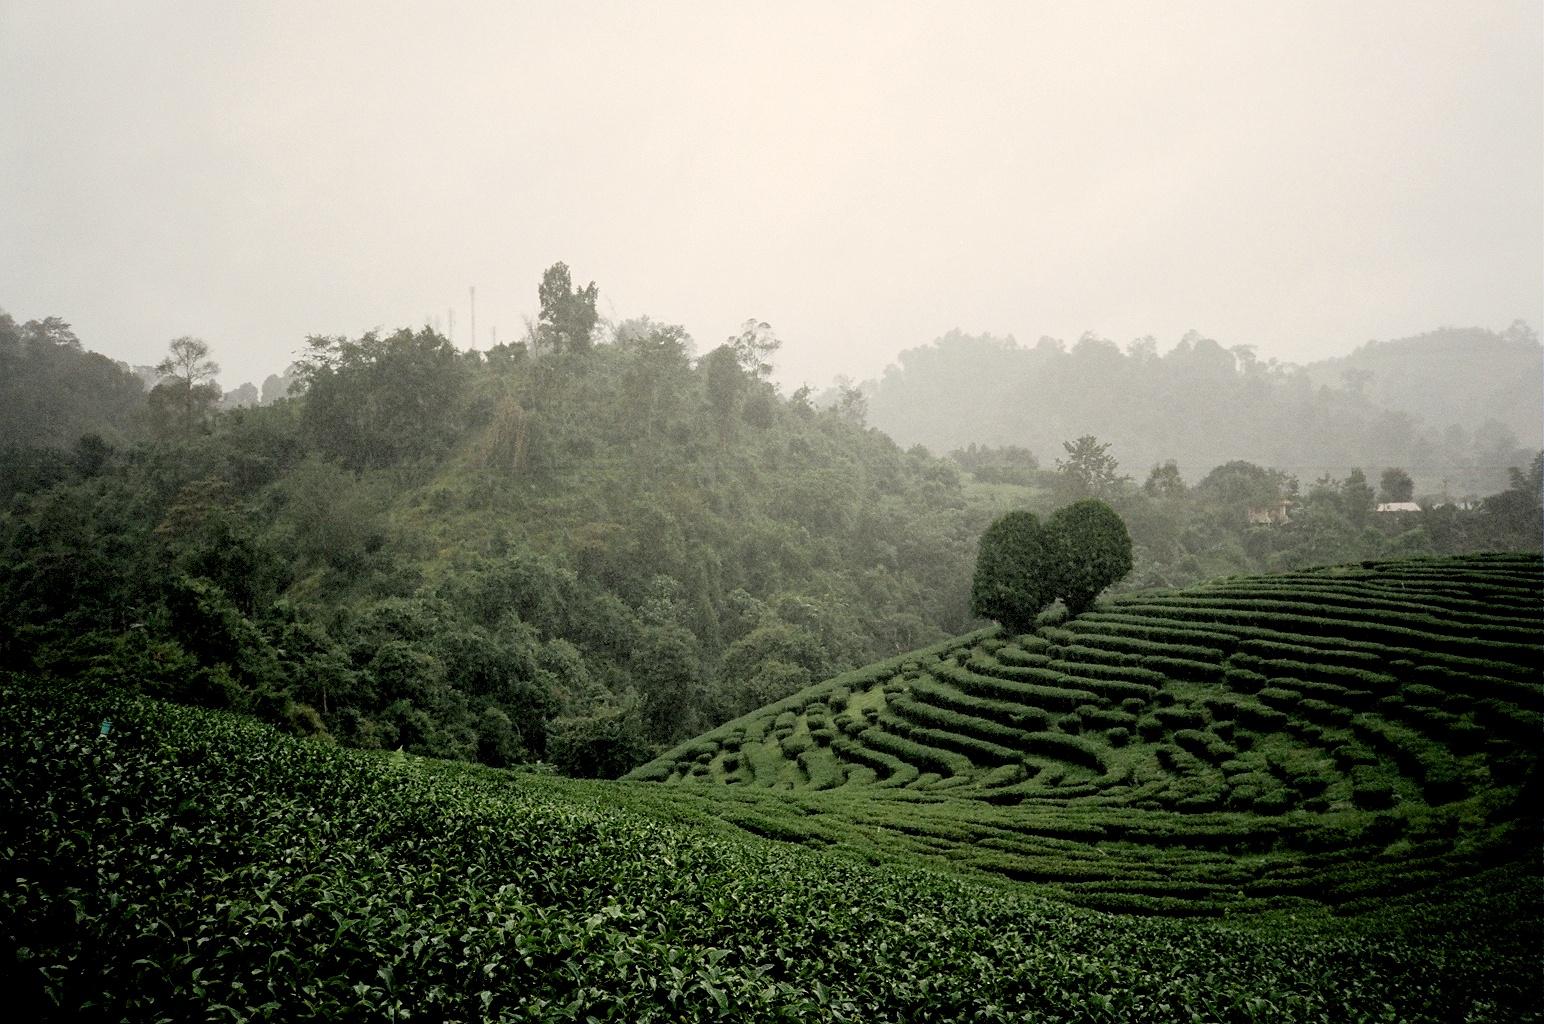 Oolong Tea Fields